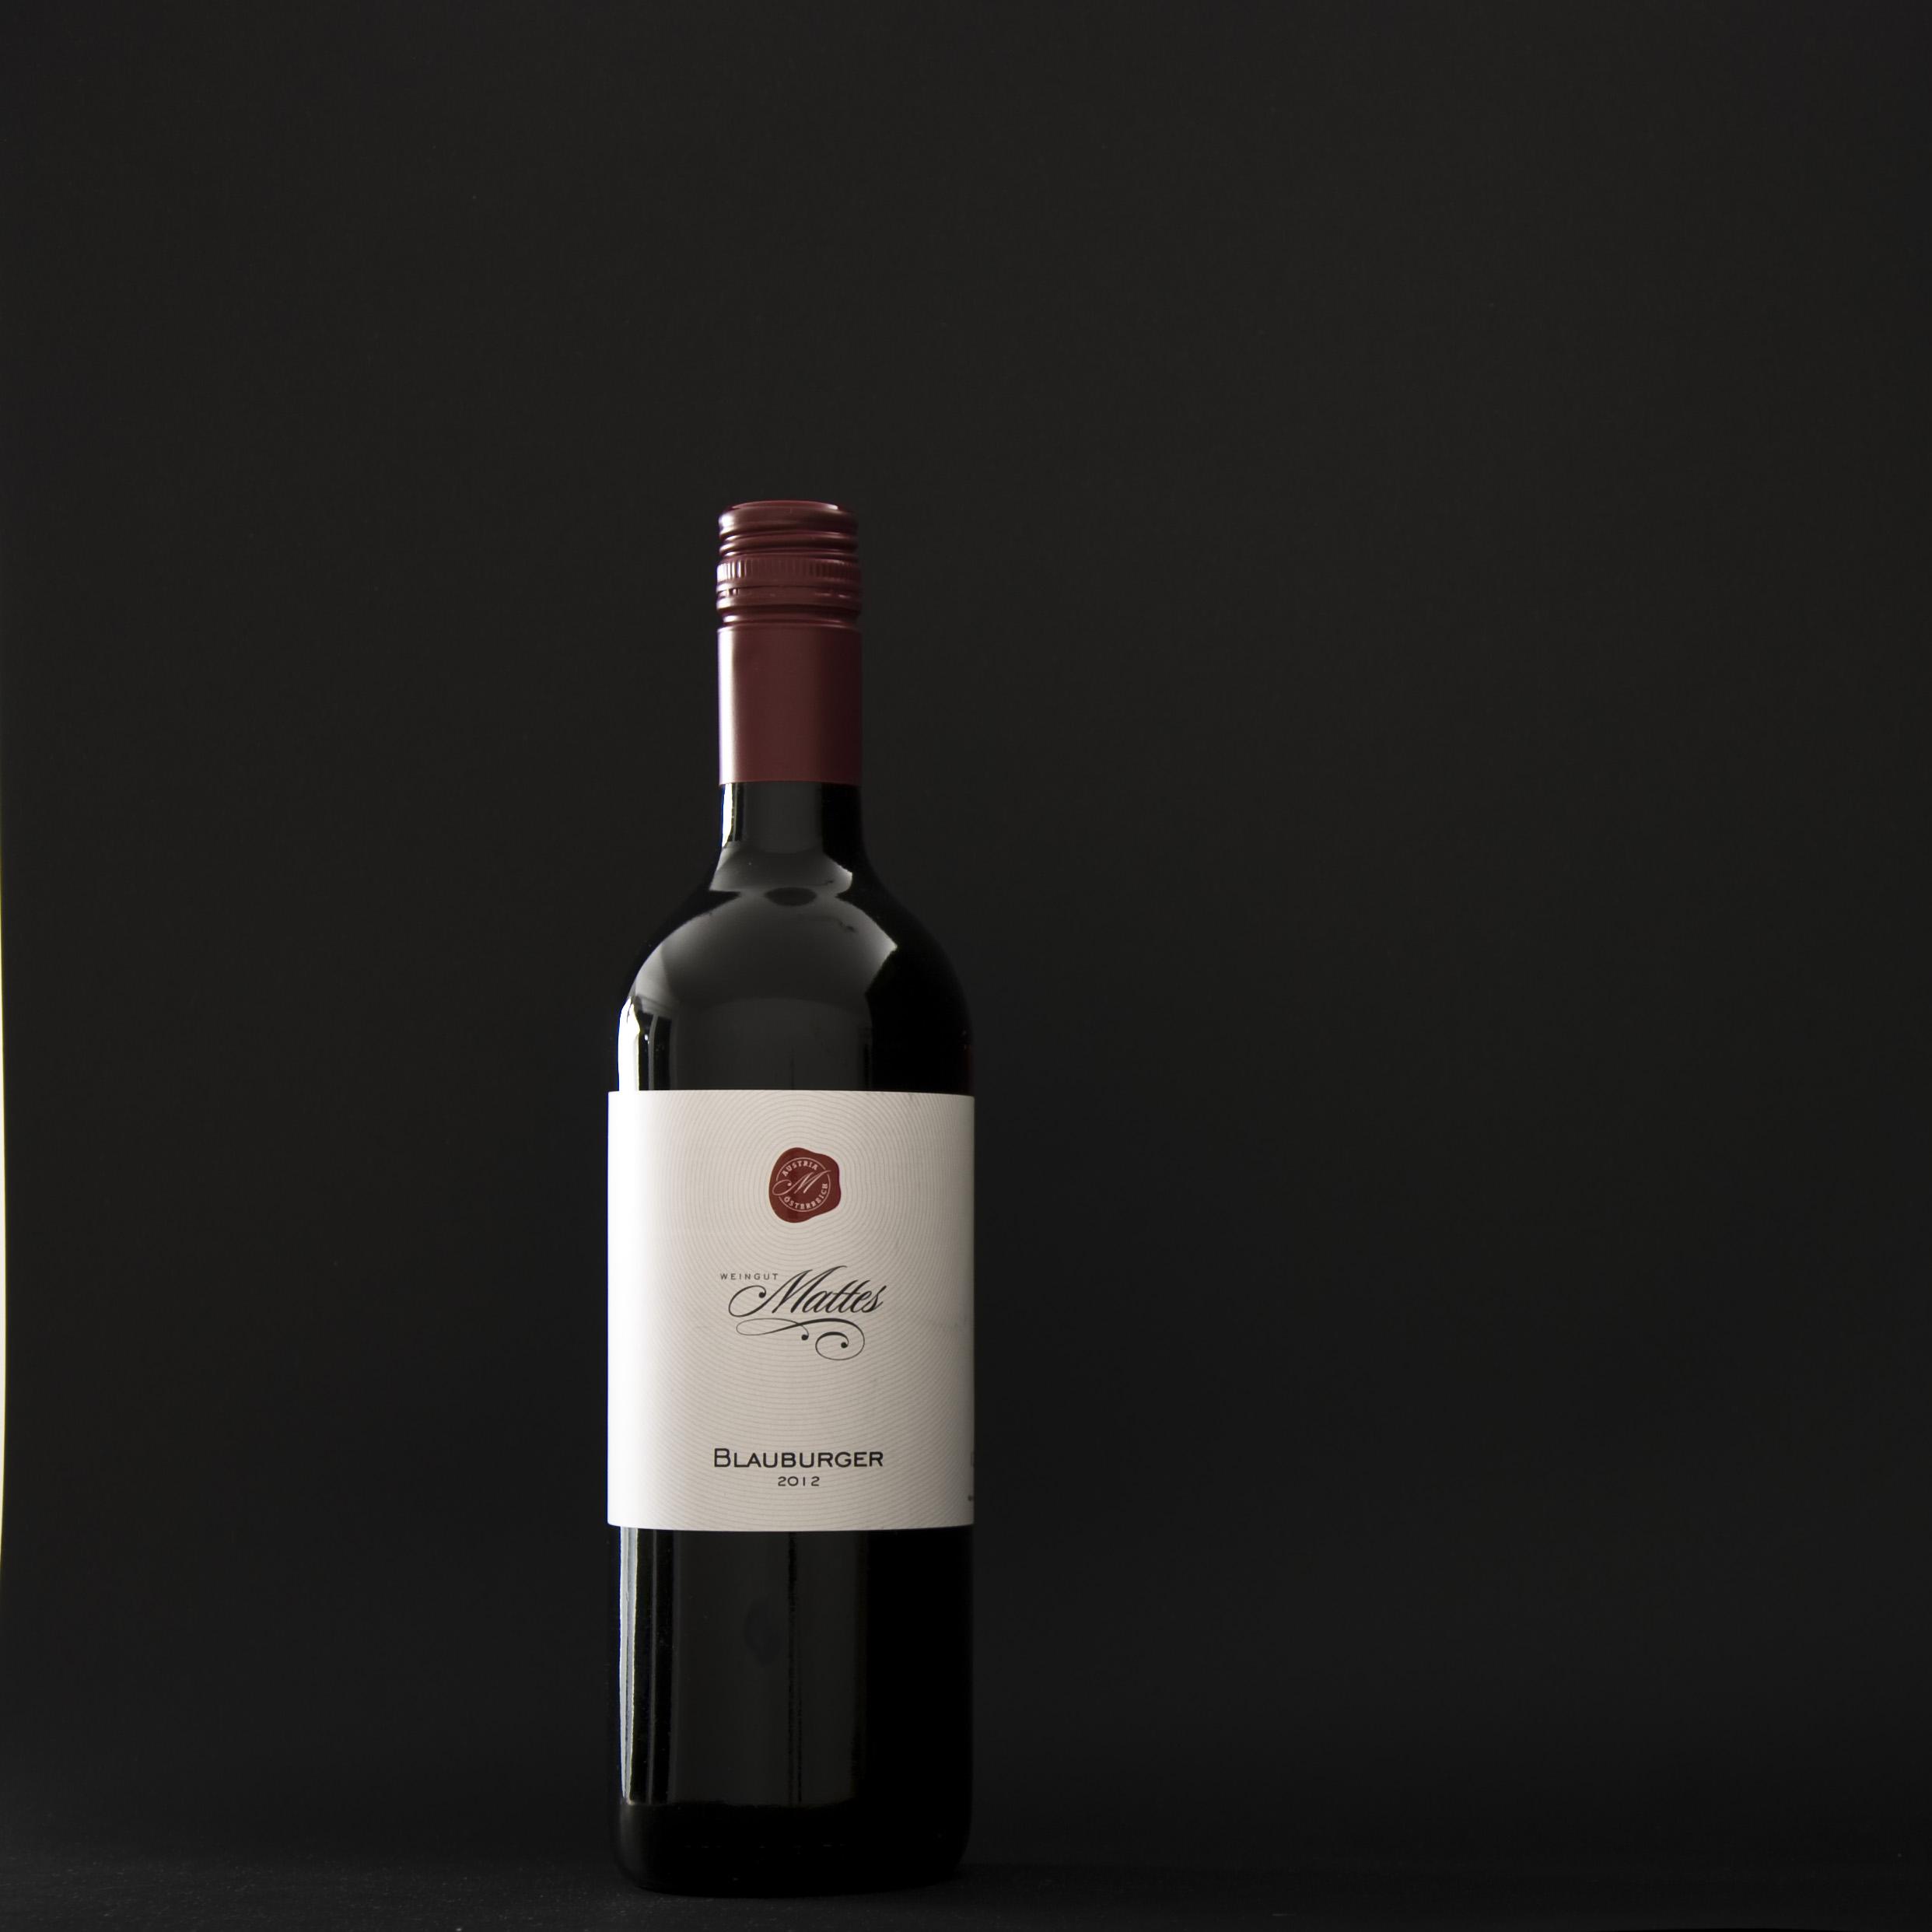 Weingut Mattes Blauburger